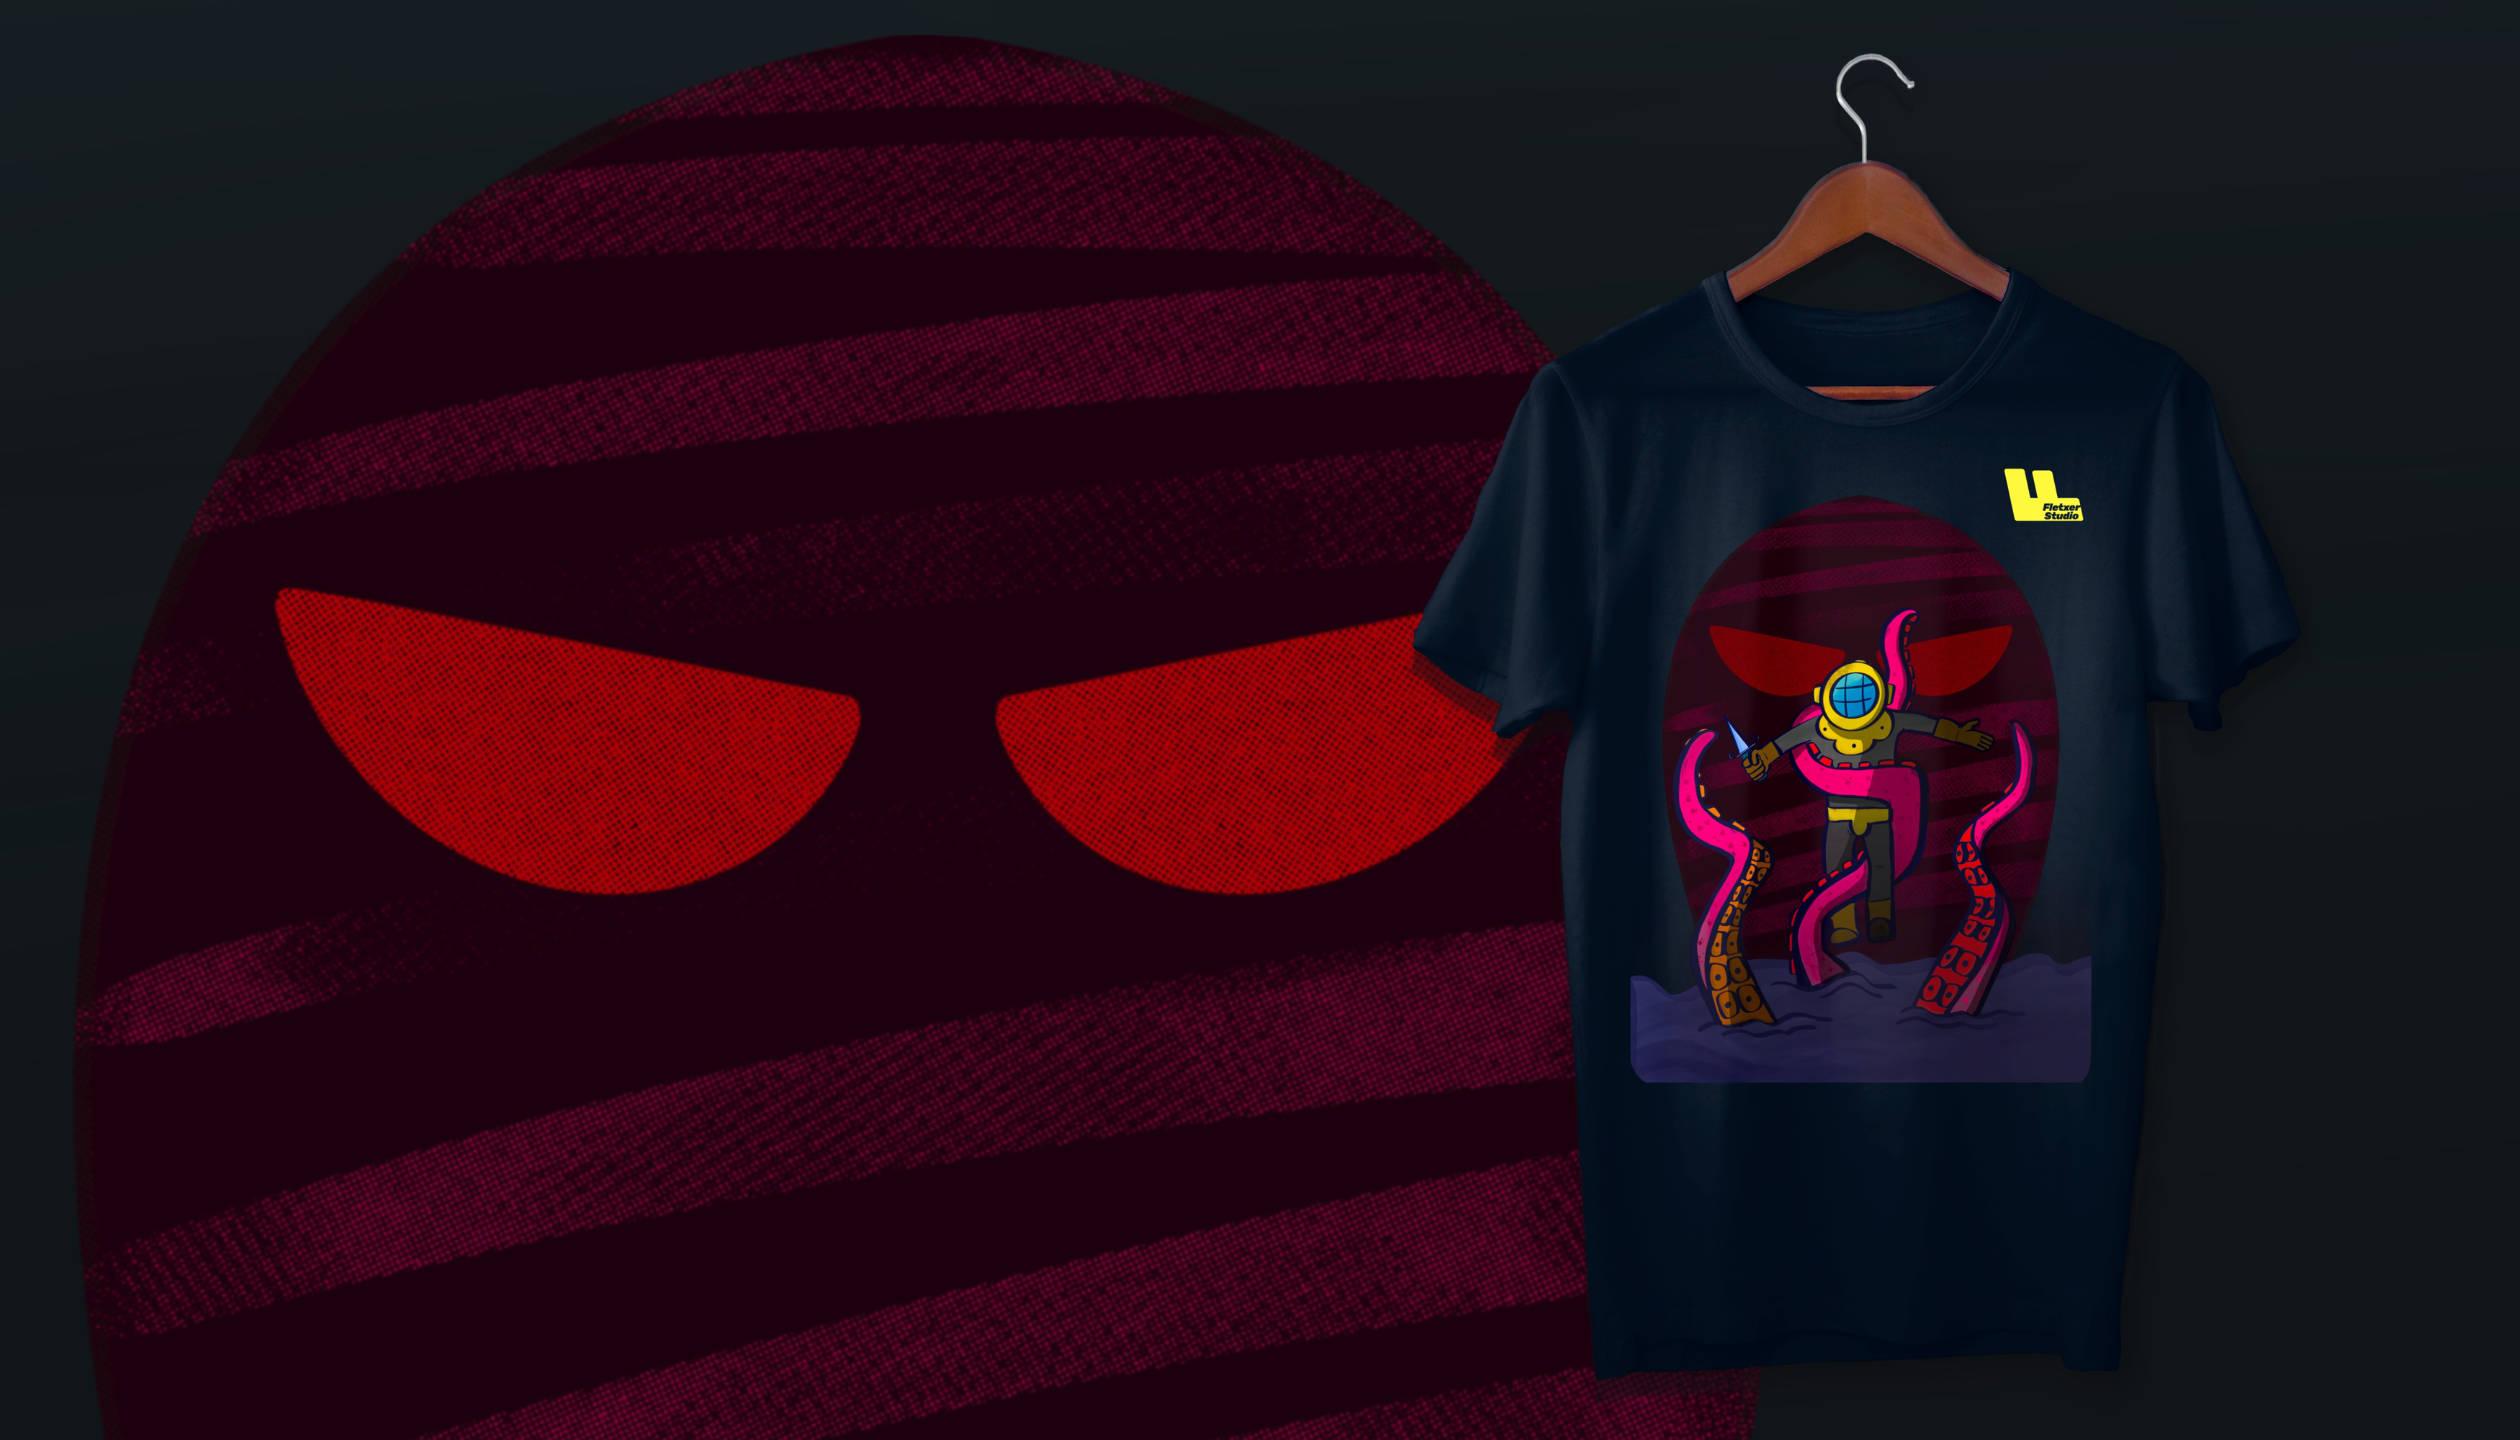 Buzo vs Pulpo Tshirt